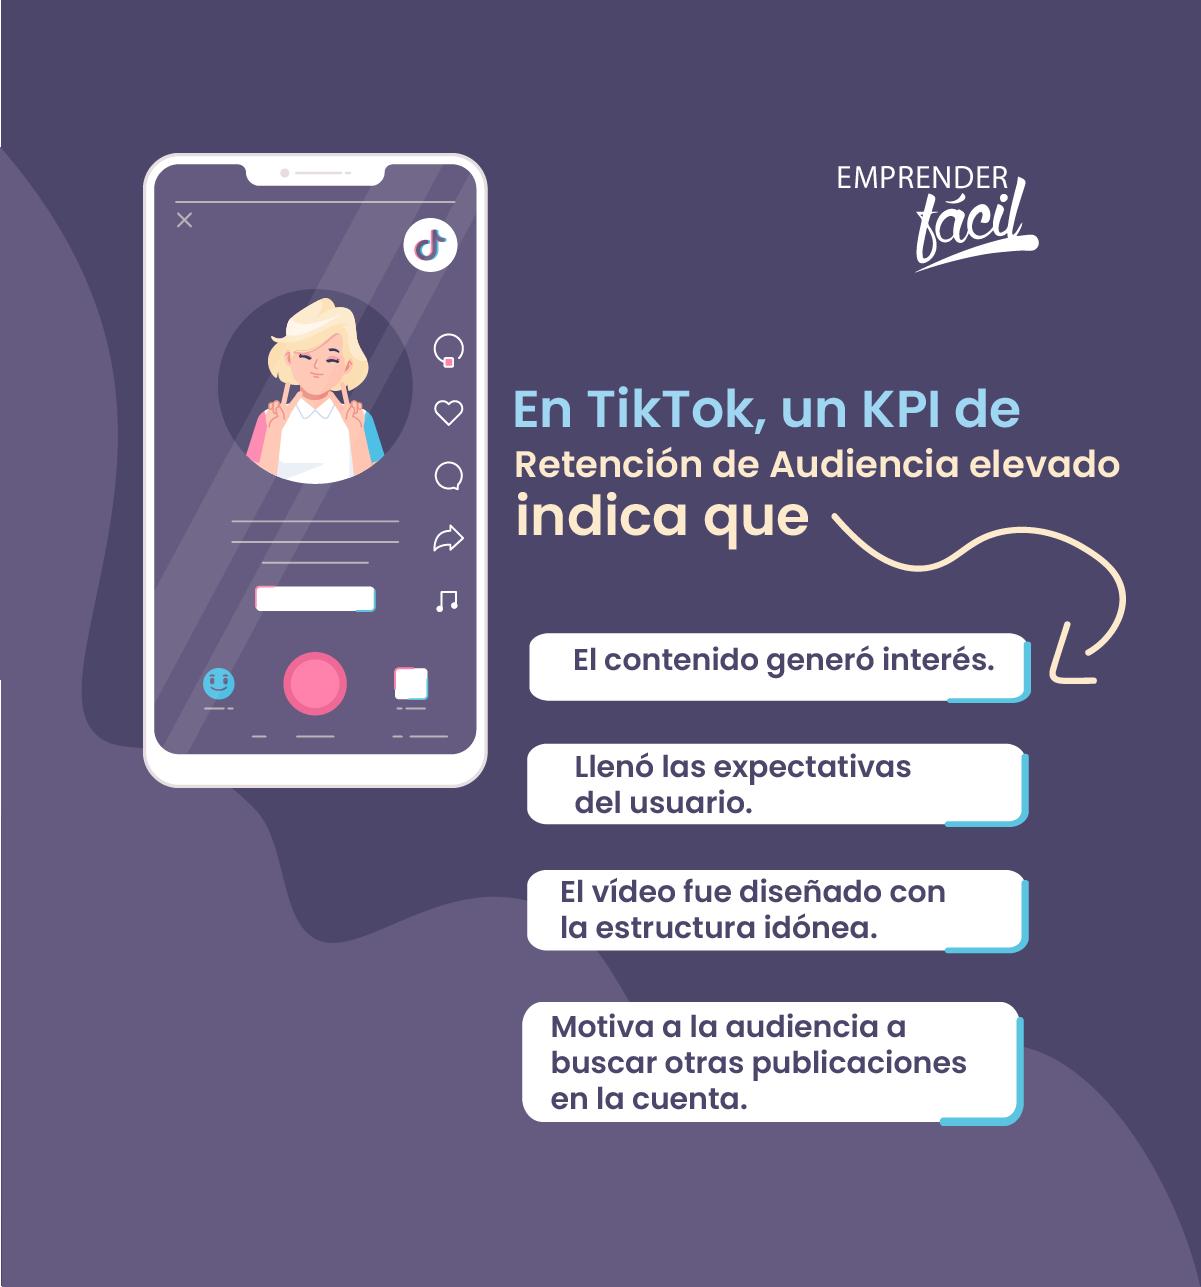 KPI de retención de la audiencia en TikTok